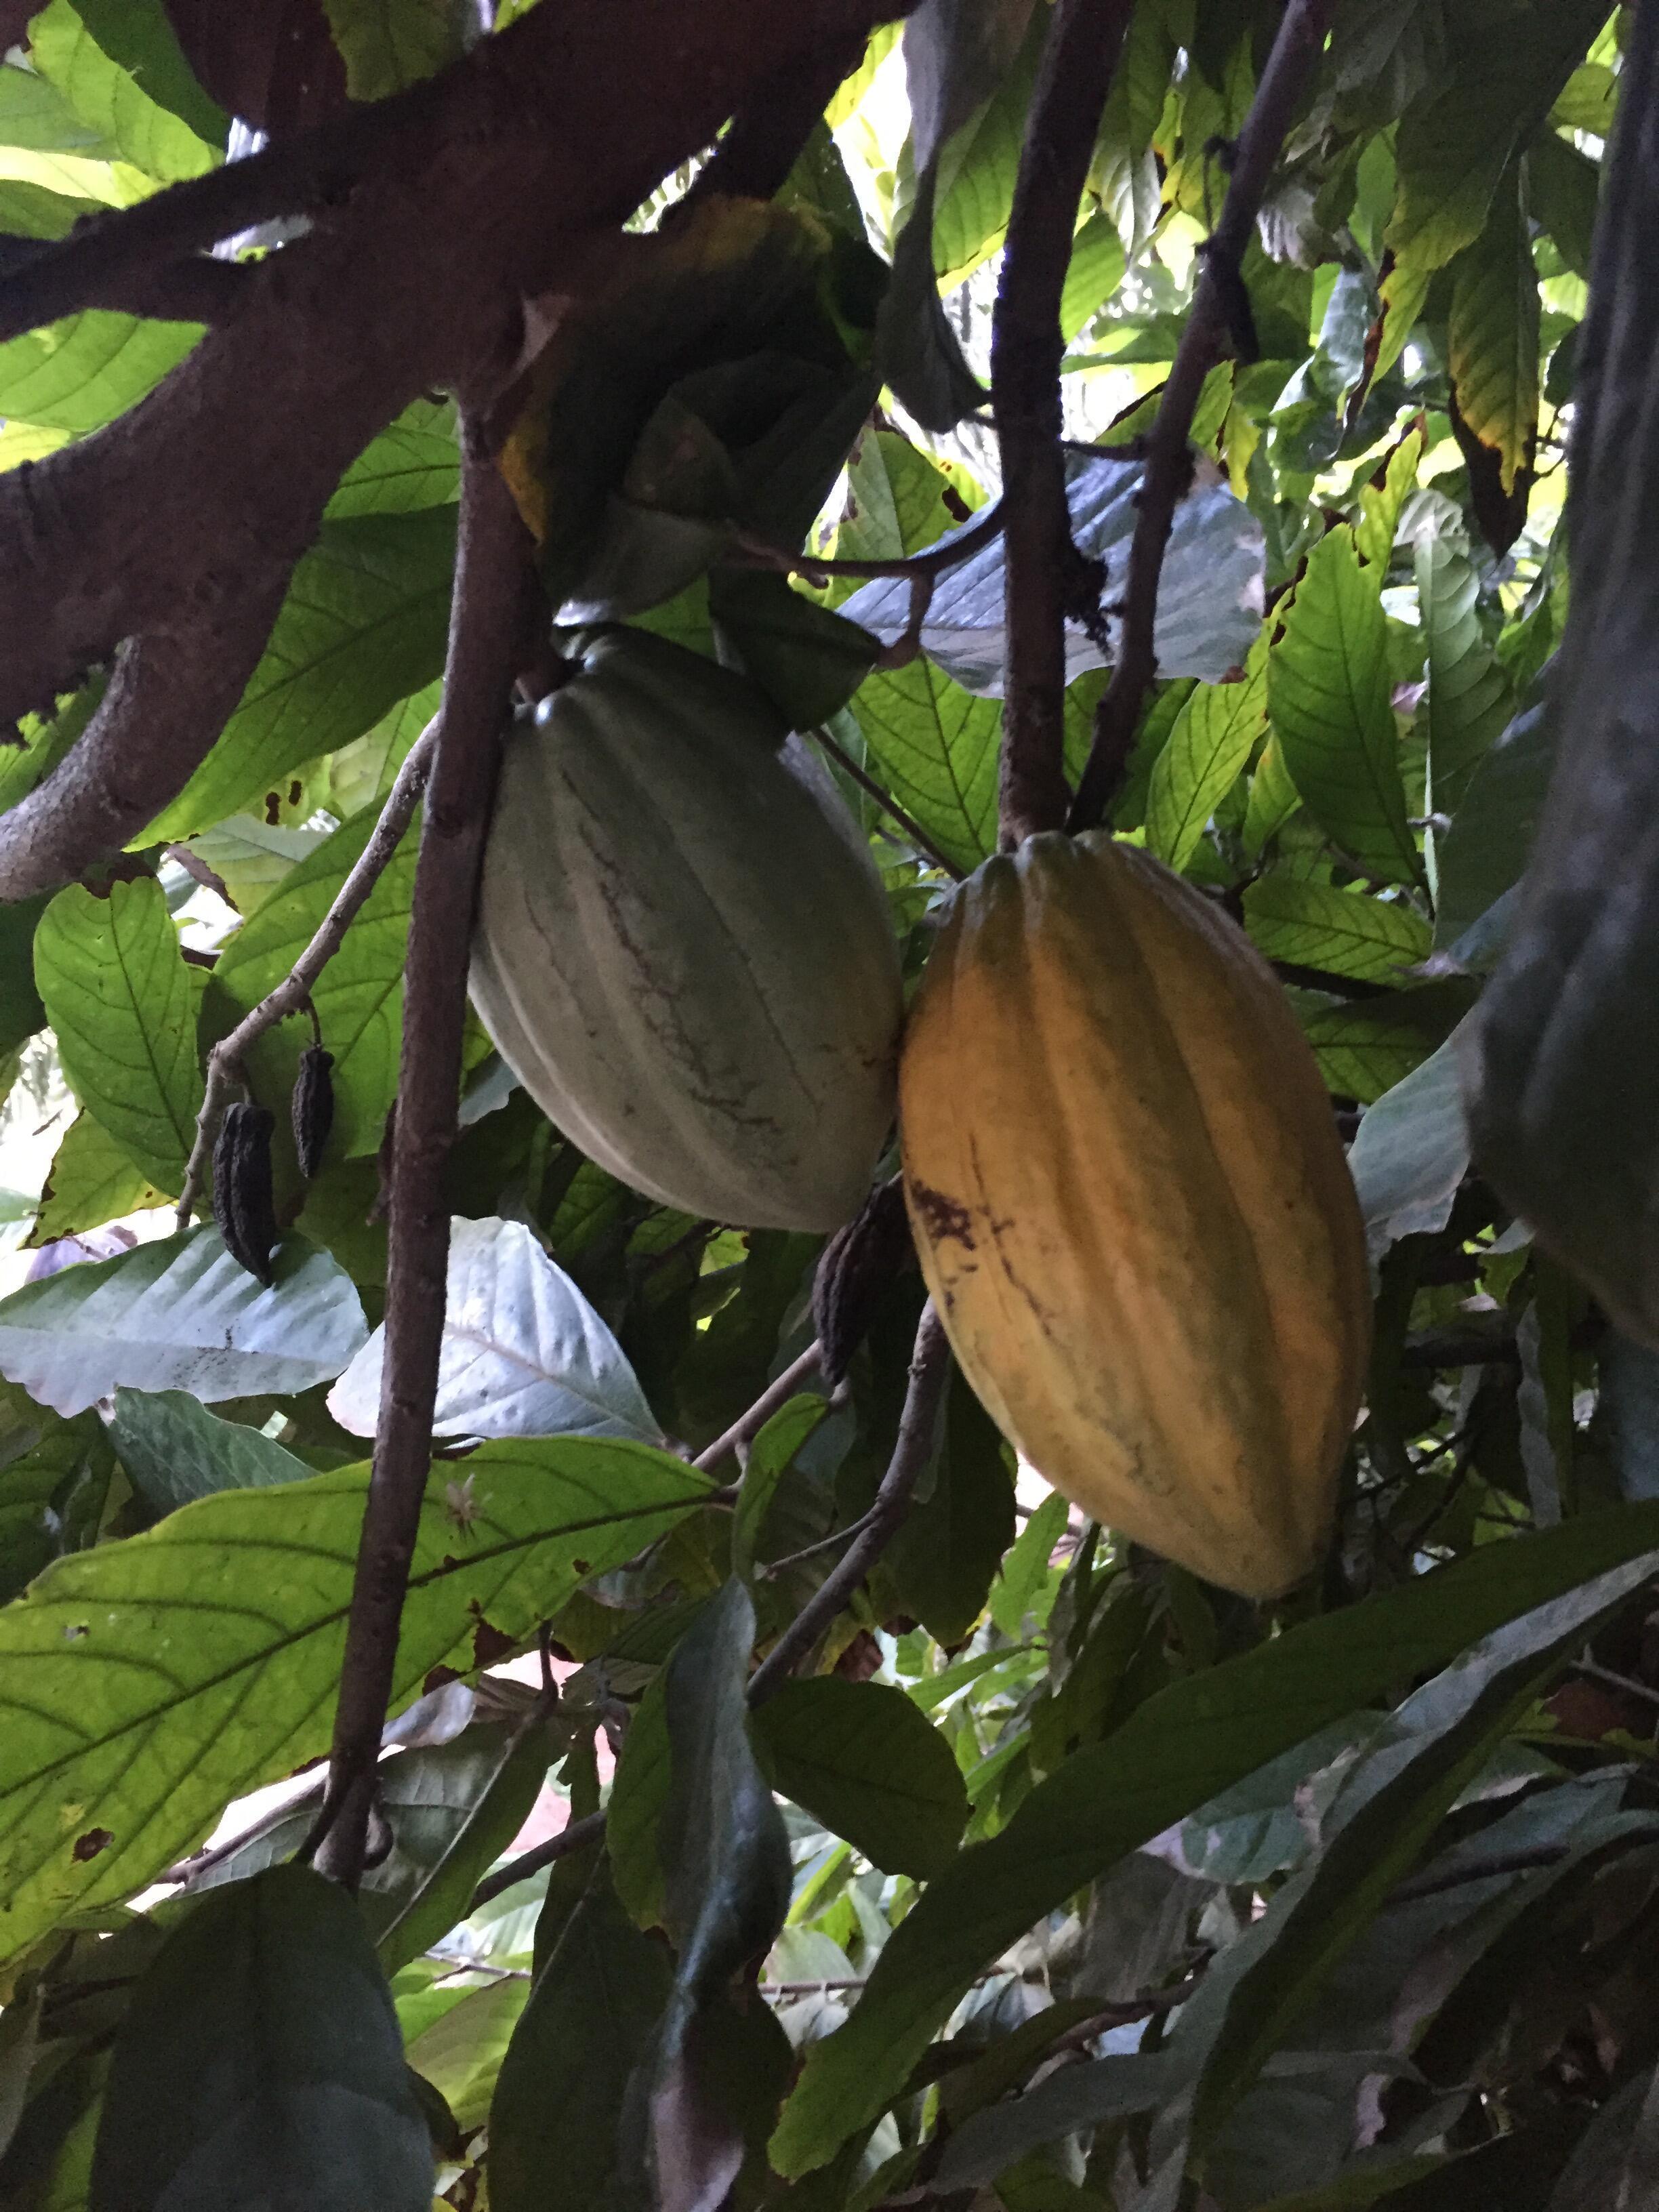 Une cabosse de cacao sur un cacaoyer.